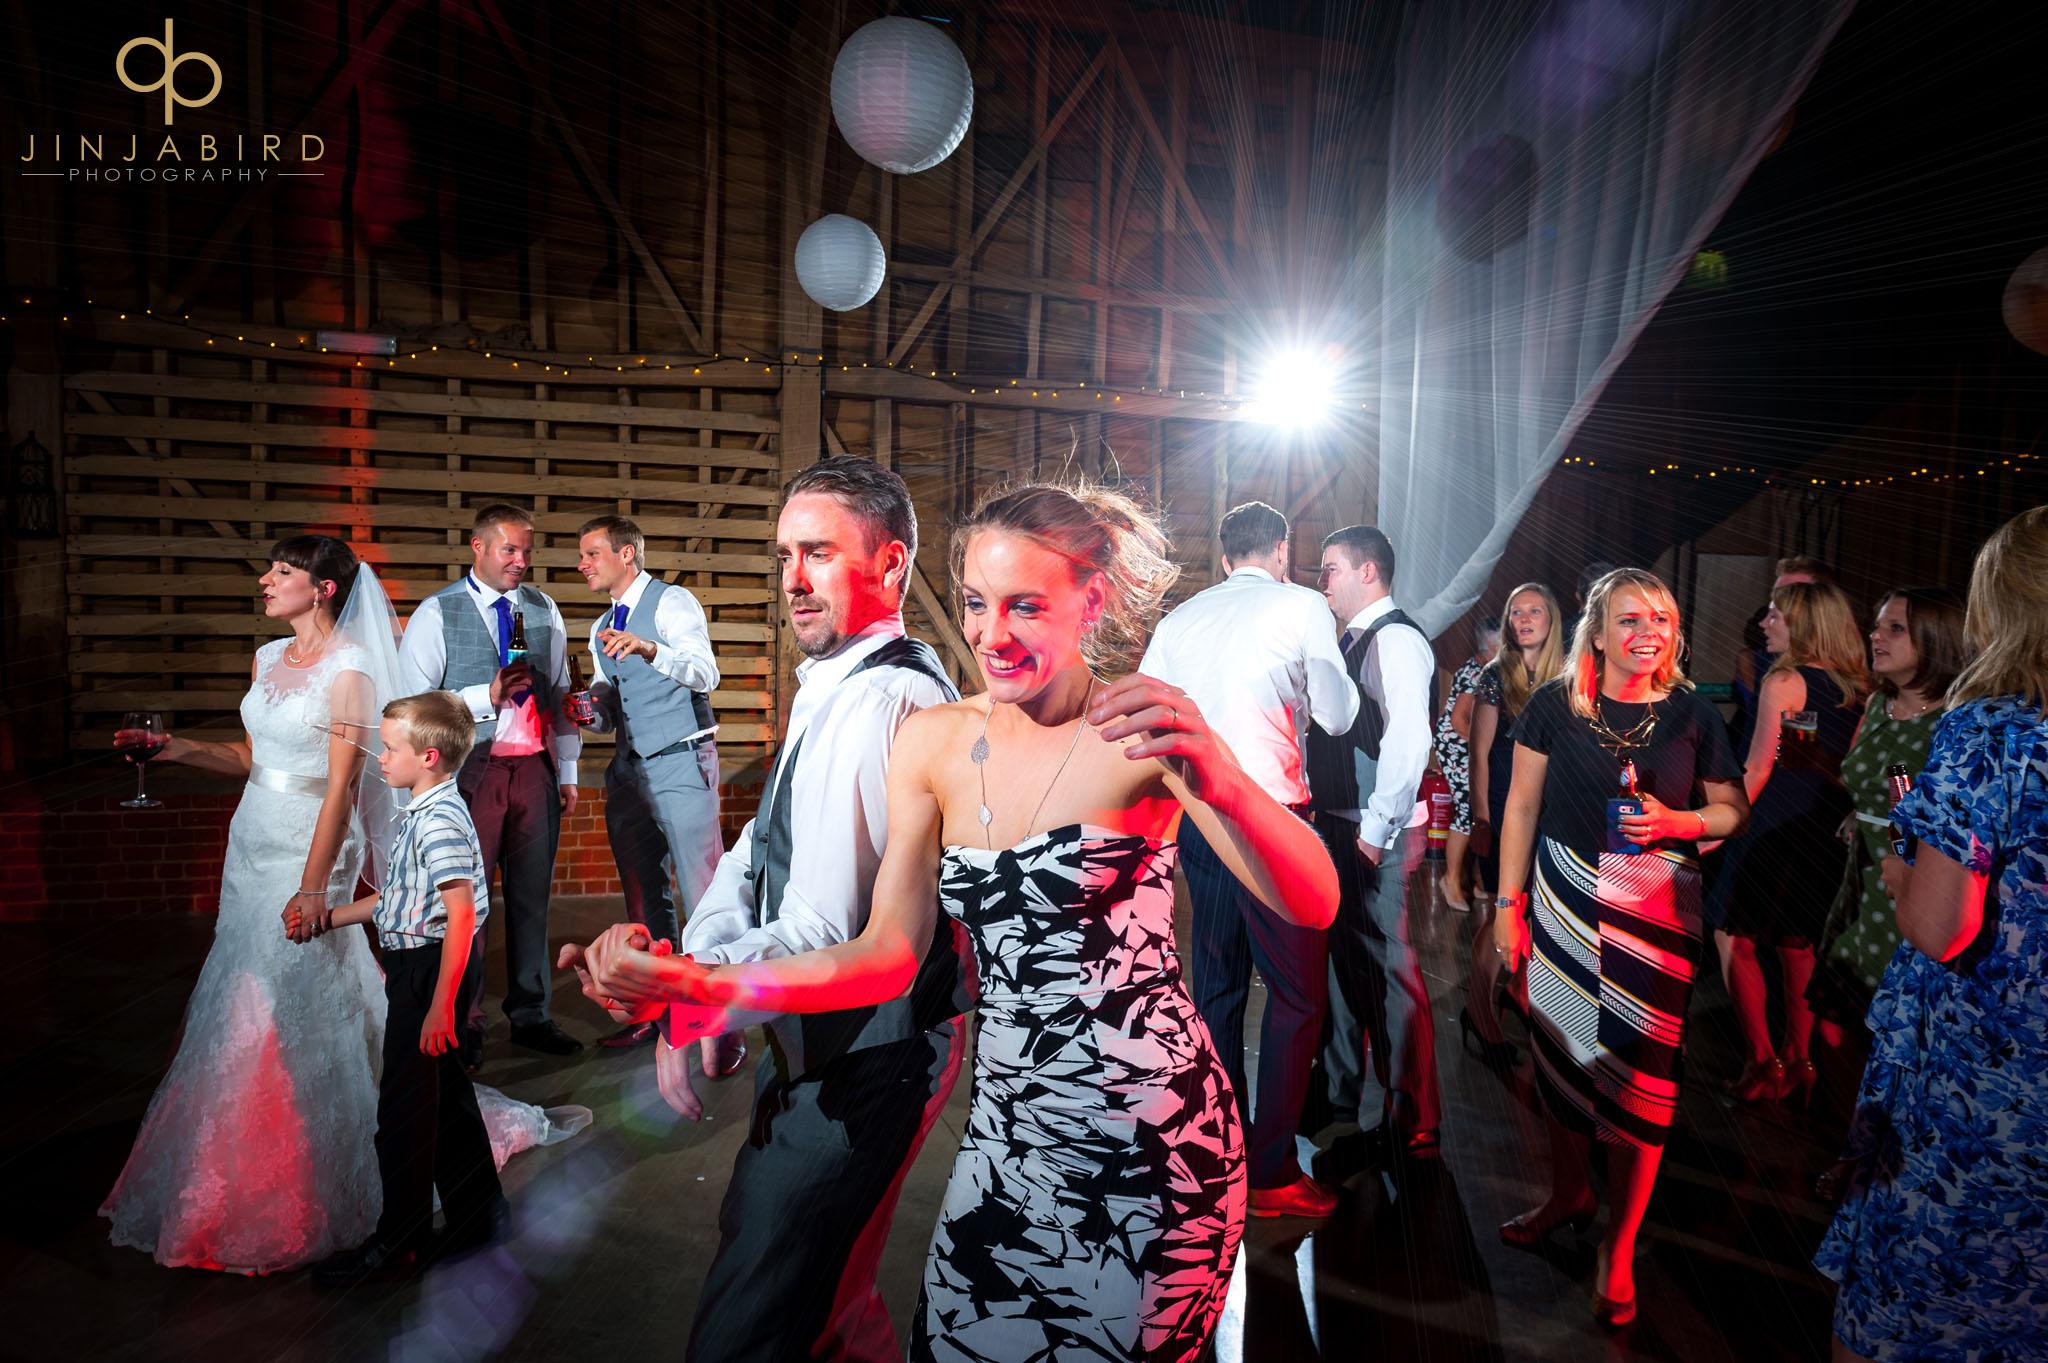 childerley hall wedding disco